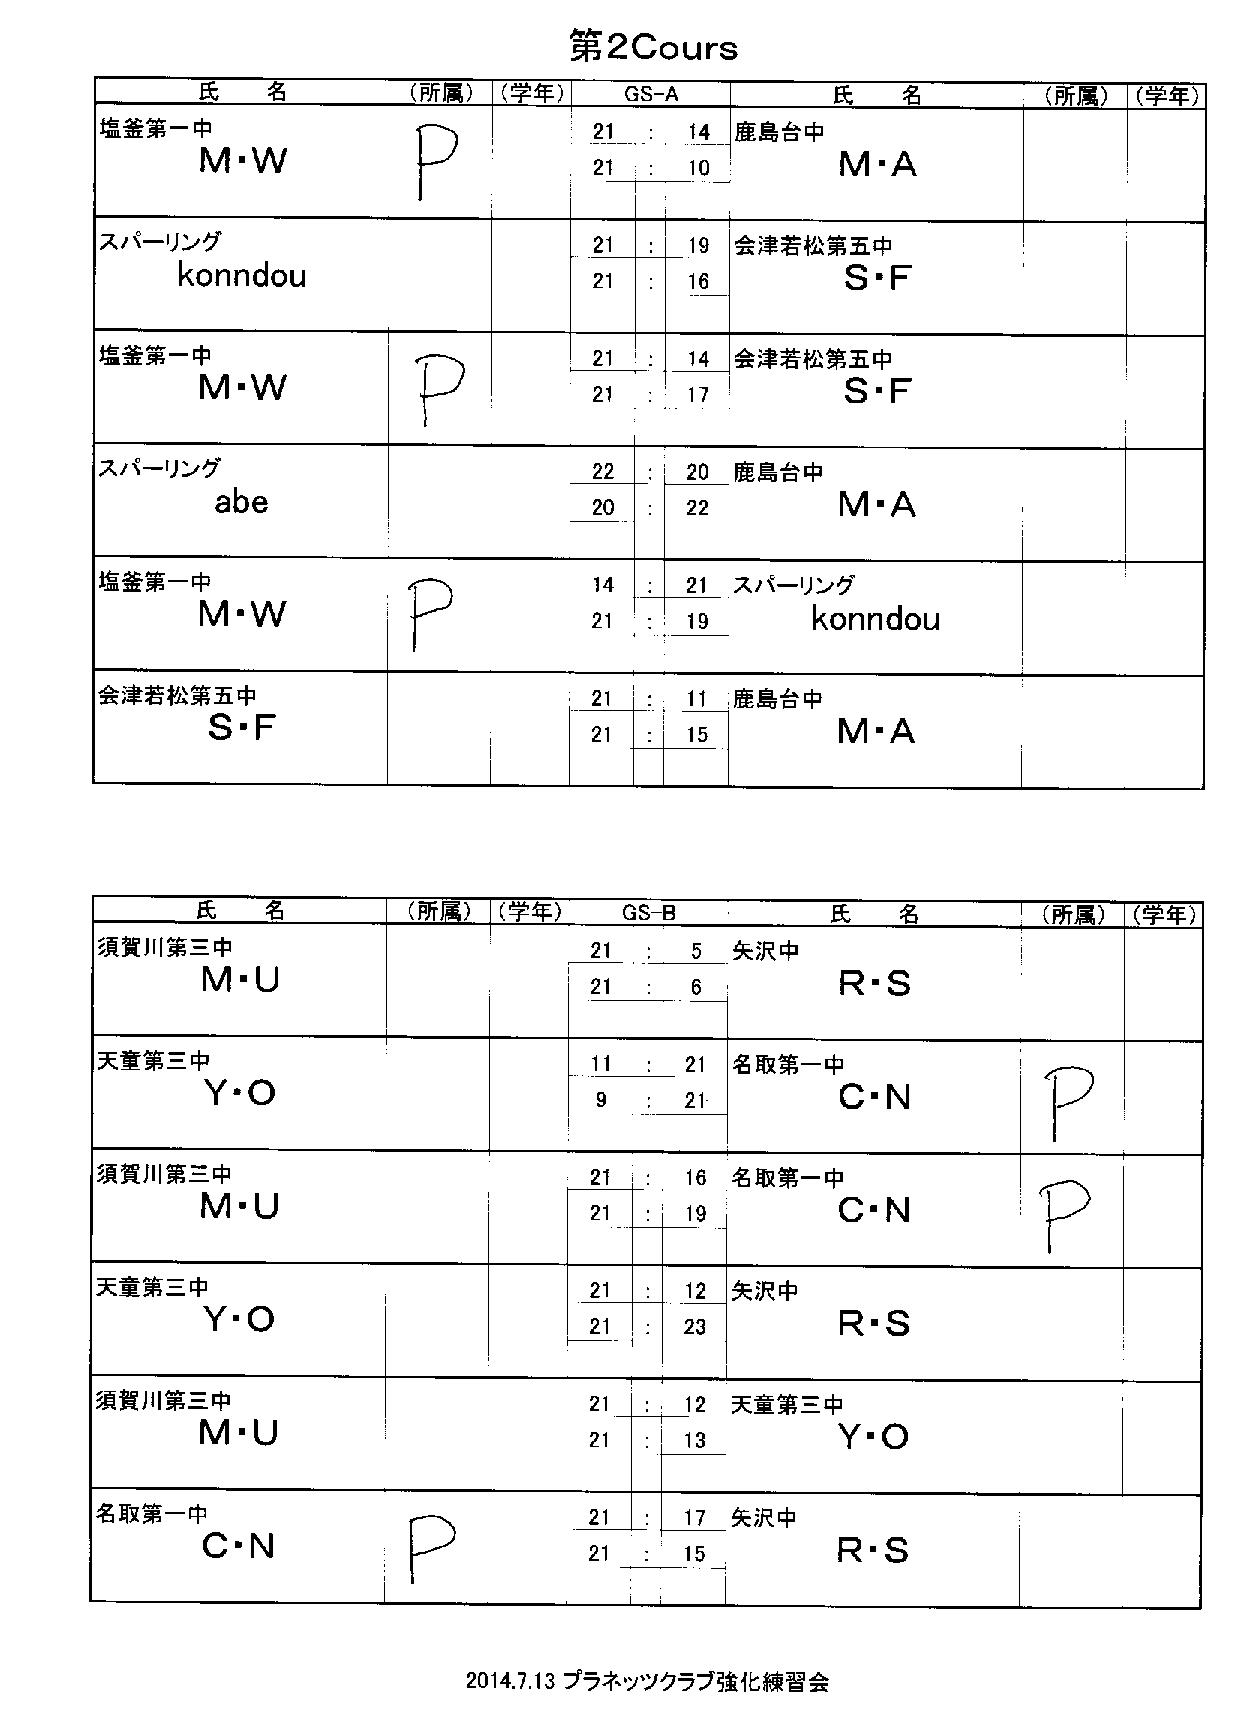 強化練習会第二クルー結果_f0236646_1512512.png